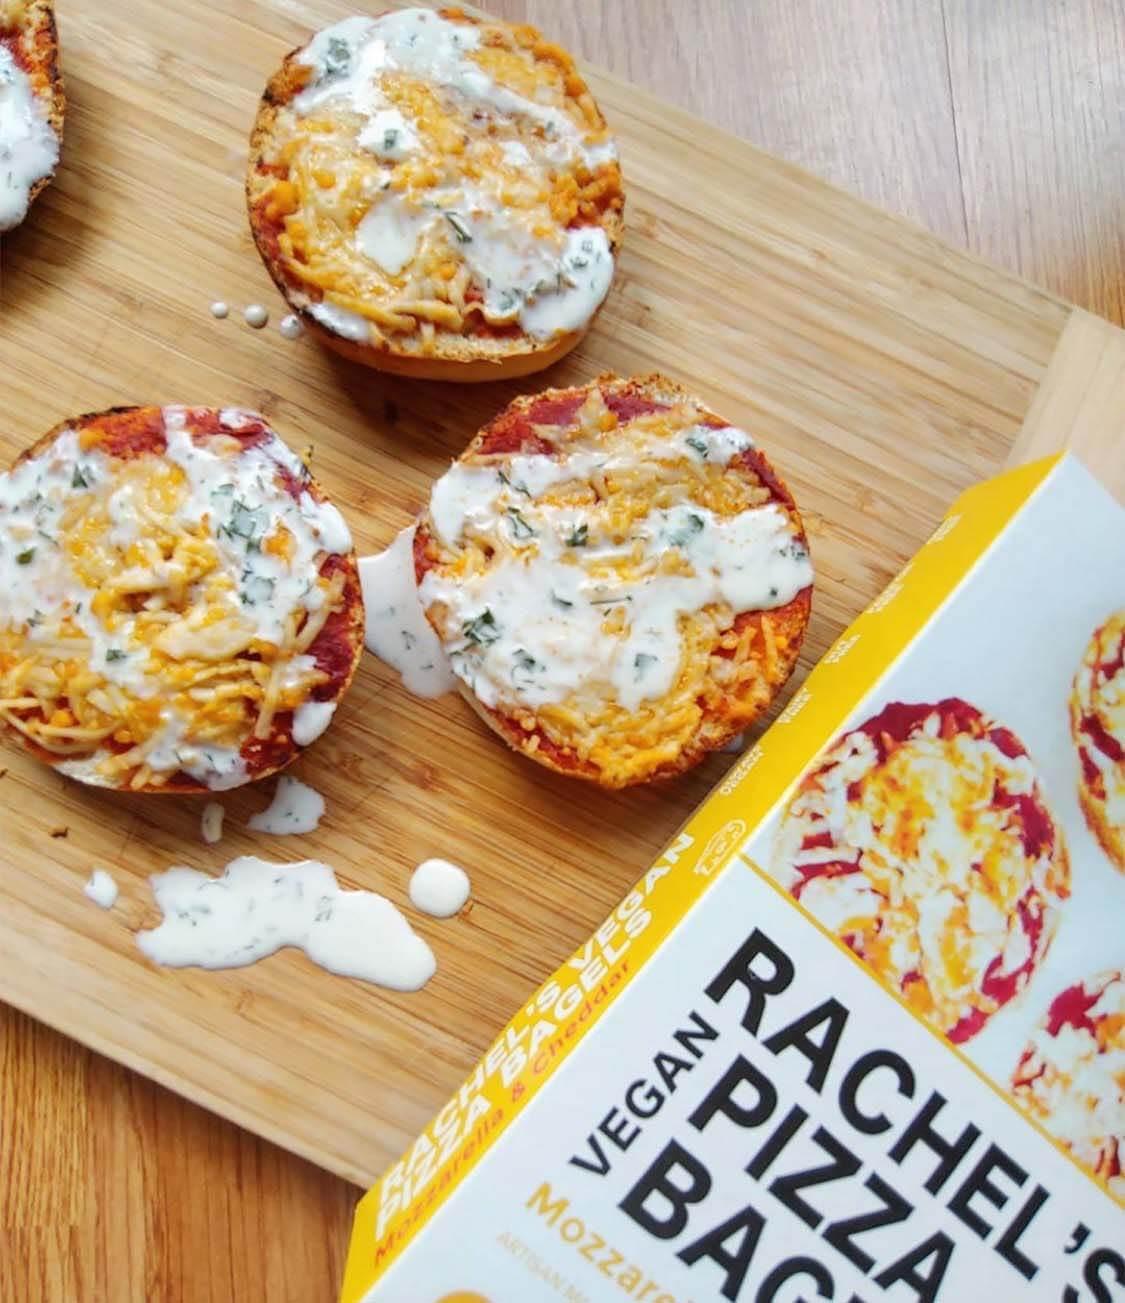 Rachel's Cosmic Cuisine